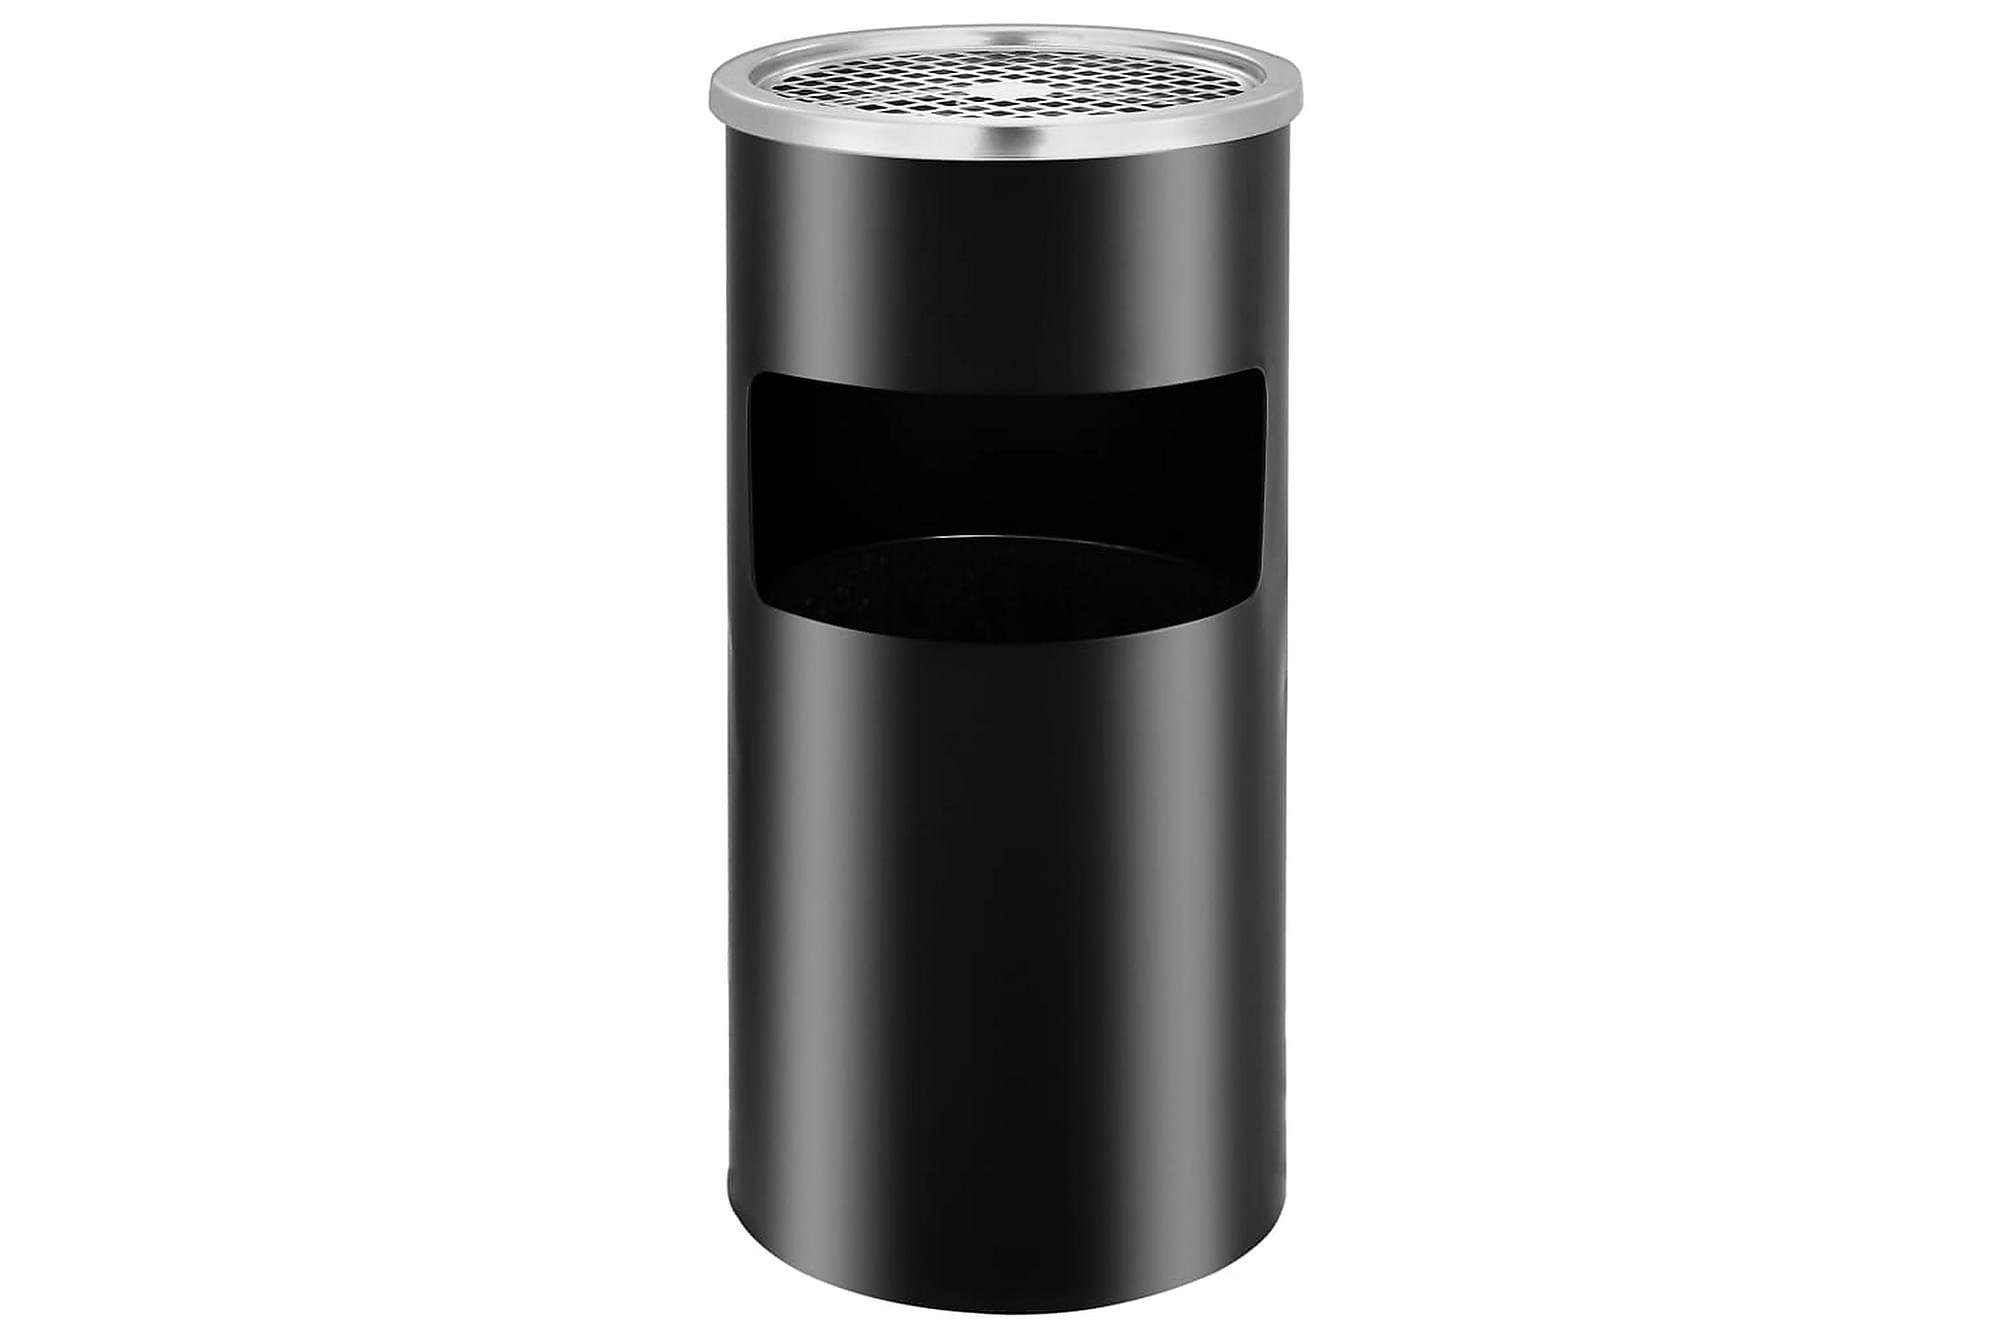 Askfat/soptunna för vägg stål 26 L svart, Badrumstillbehör